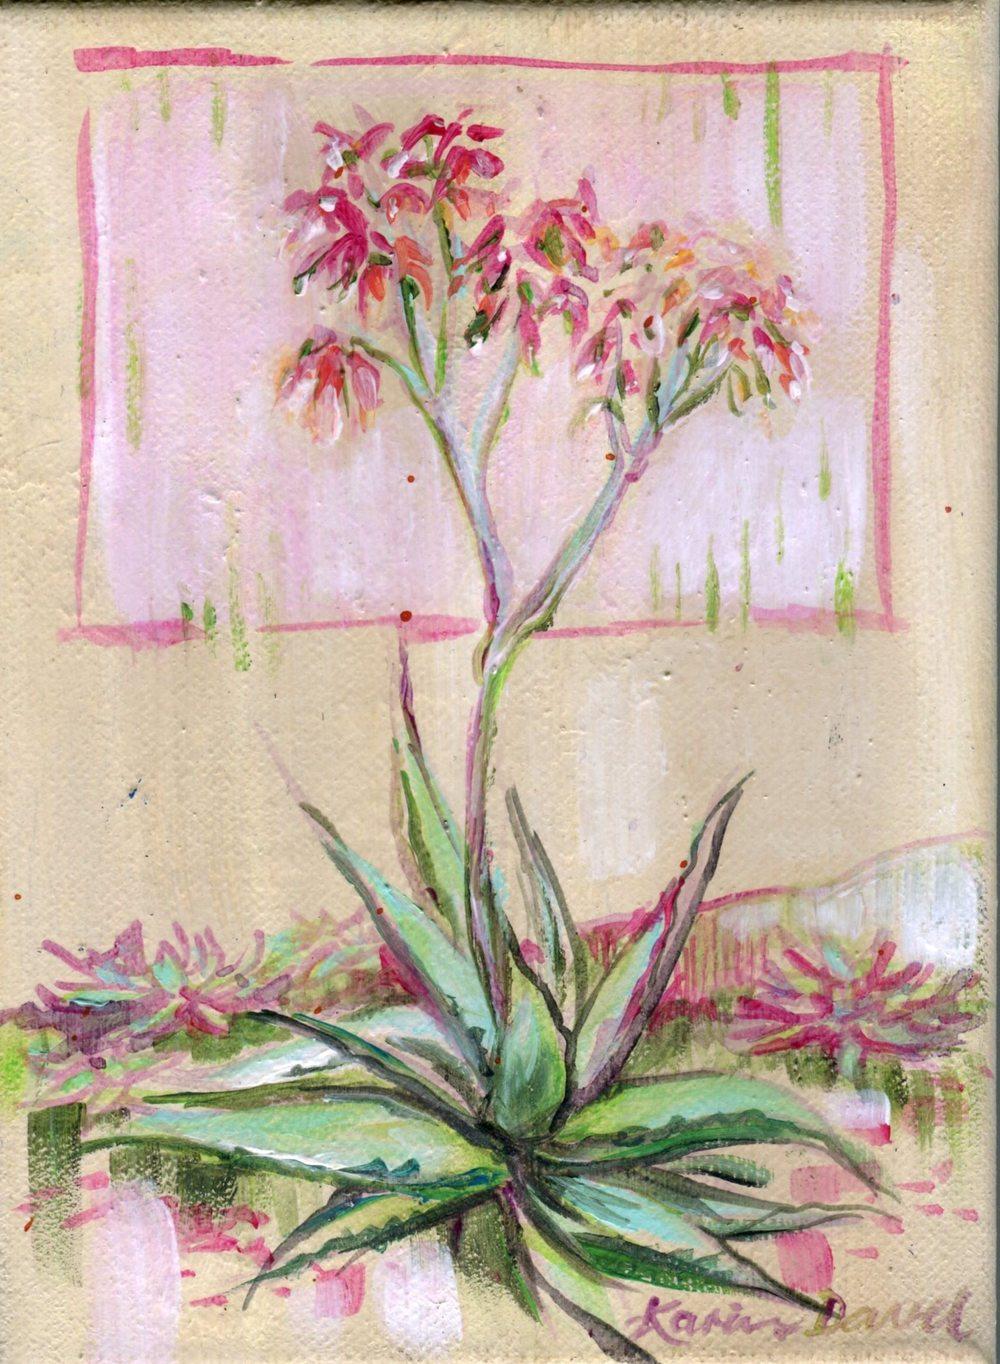 Davel, Karin 78a       Aloe 1, Acrylic on canvas.